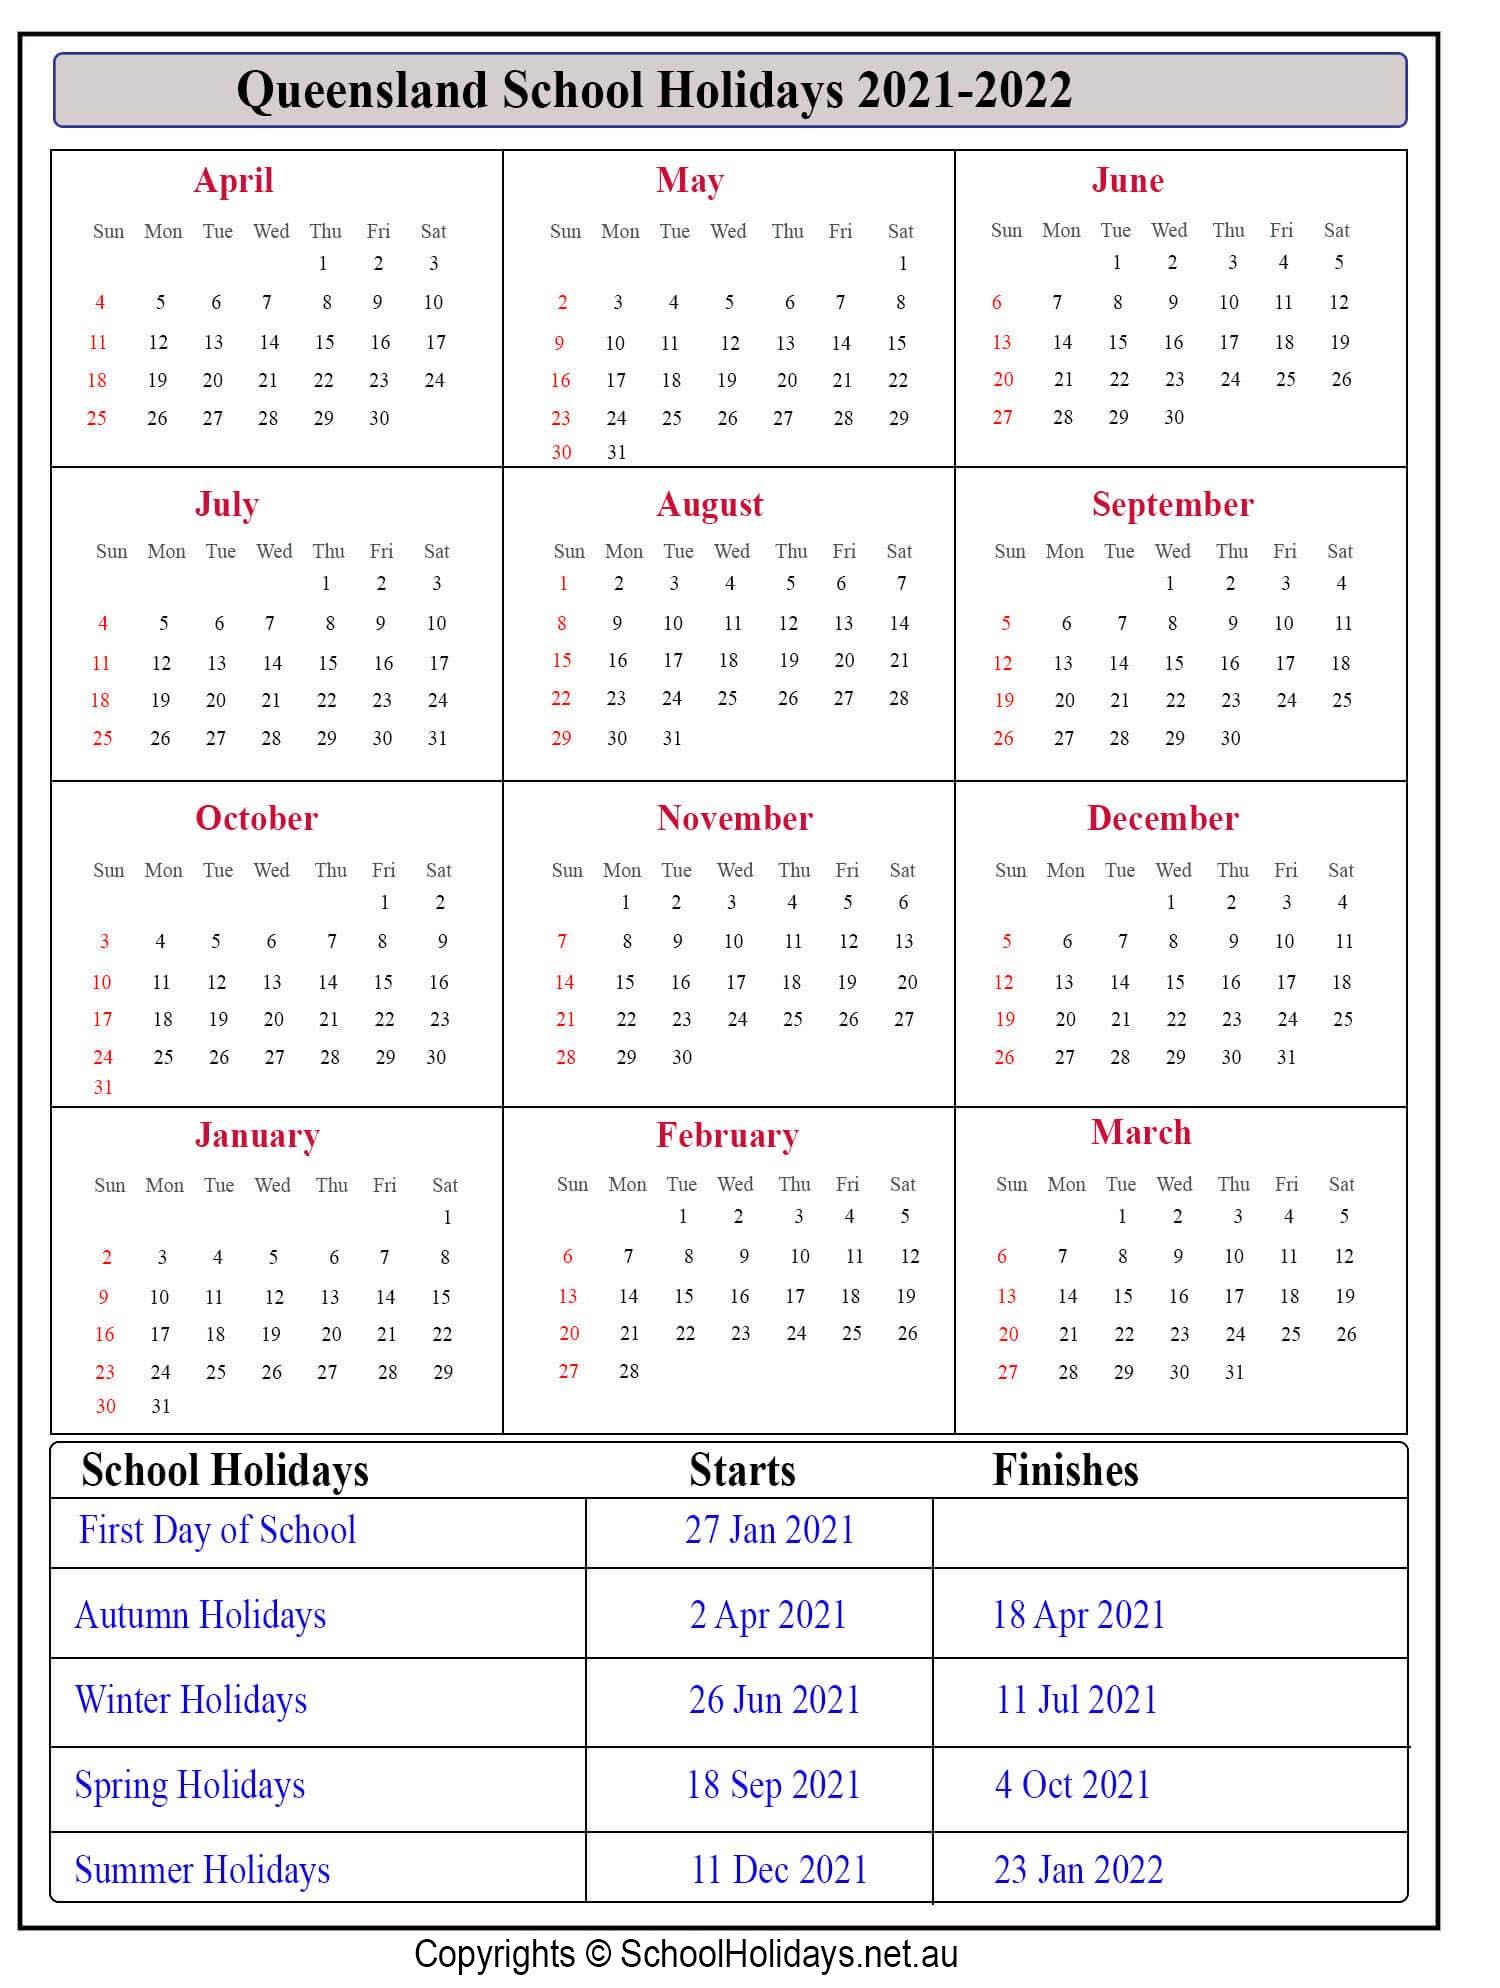 [%Qld *School Holidays* 2021 [Queensland]❤️|Qld 2021 School Holidays 2021|Qld 2021 School Holidays 2021%]